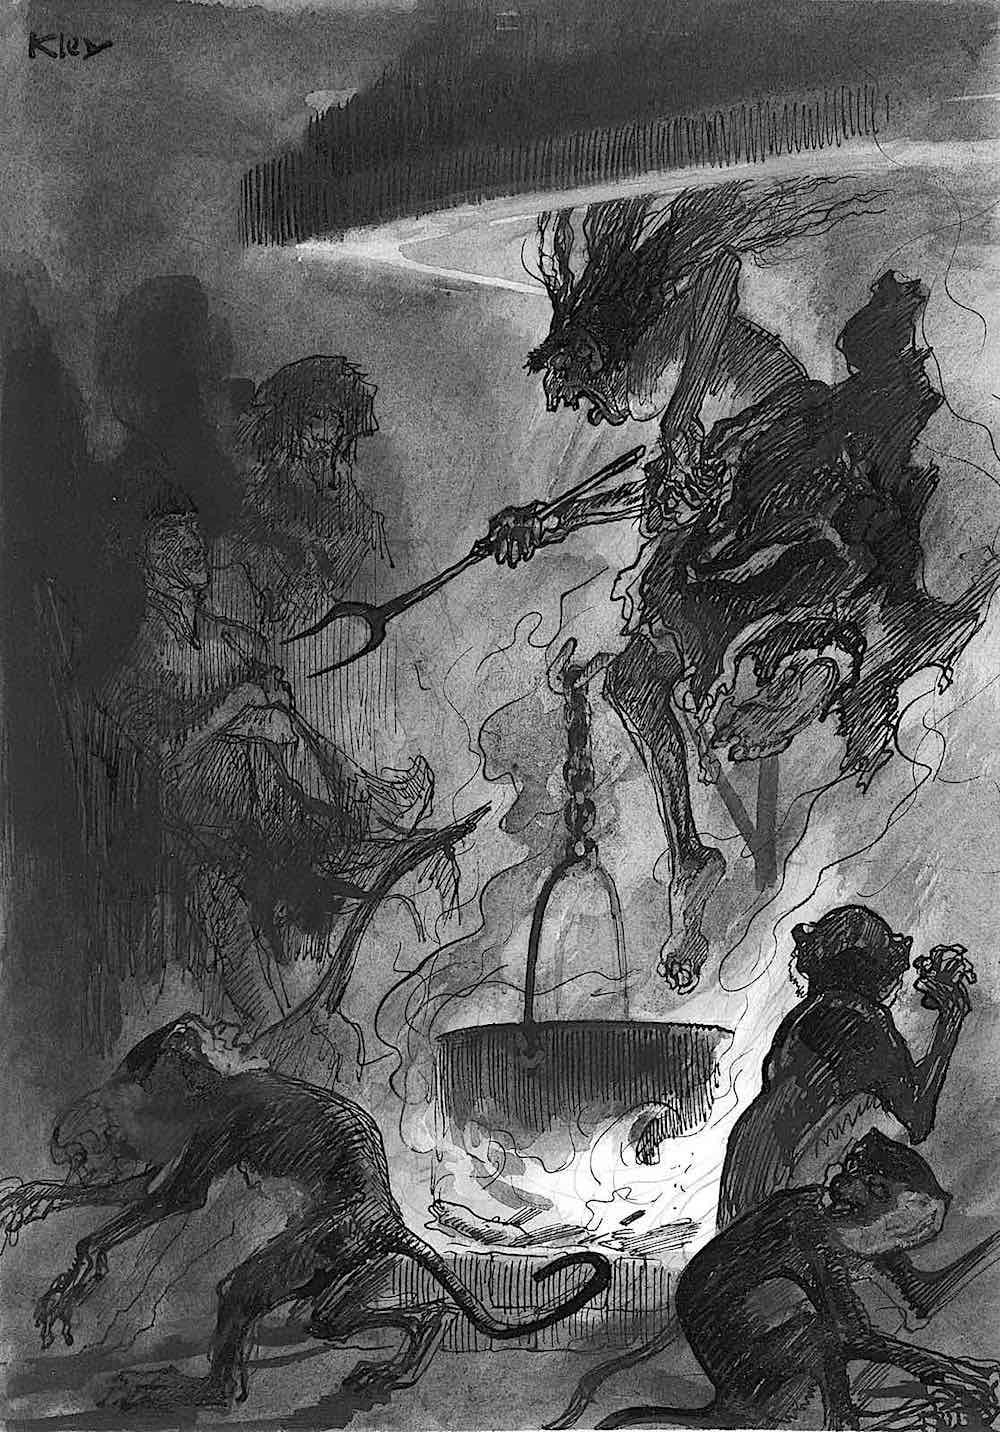 Heinrich Kley demons from a cooking pot or cauldren